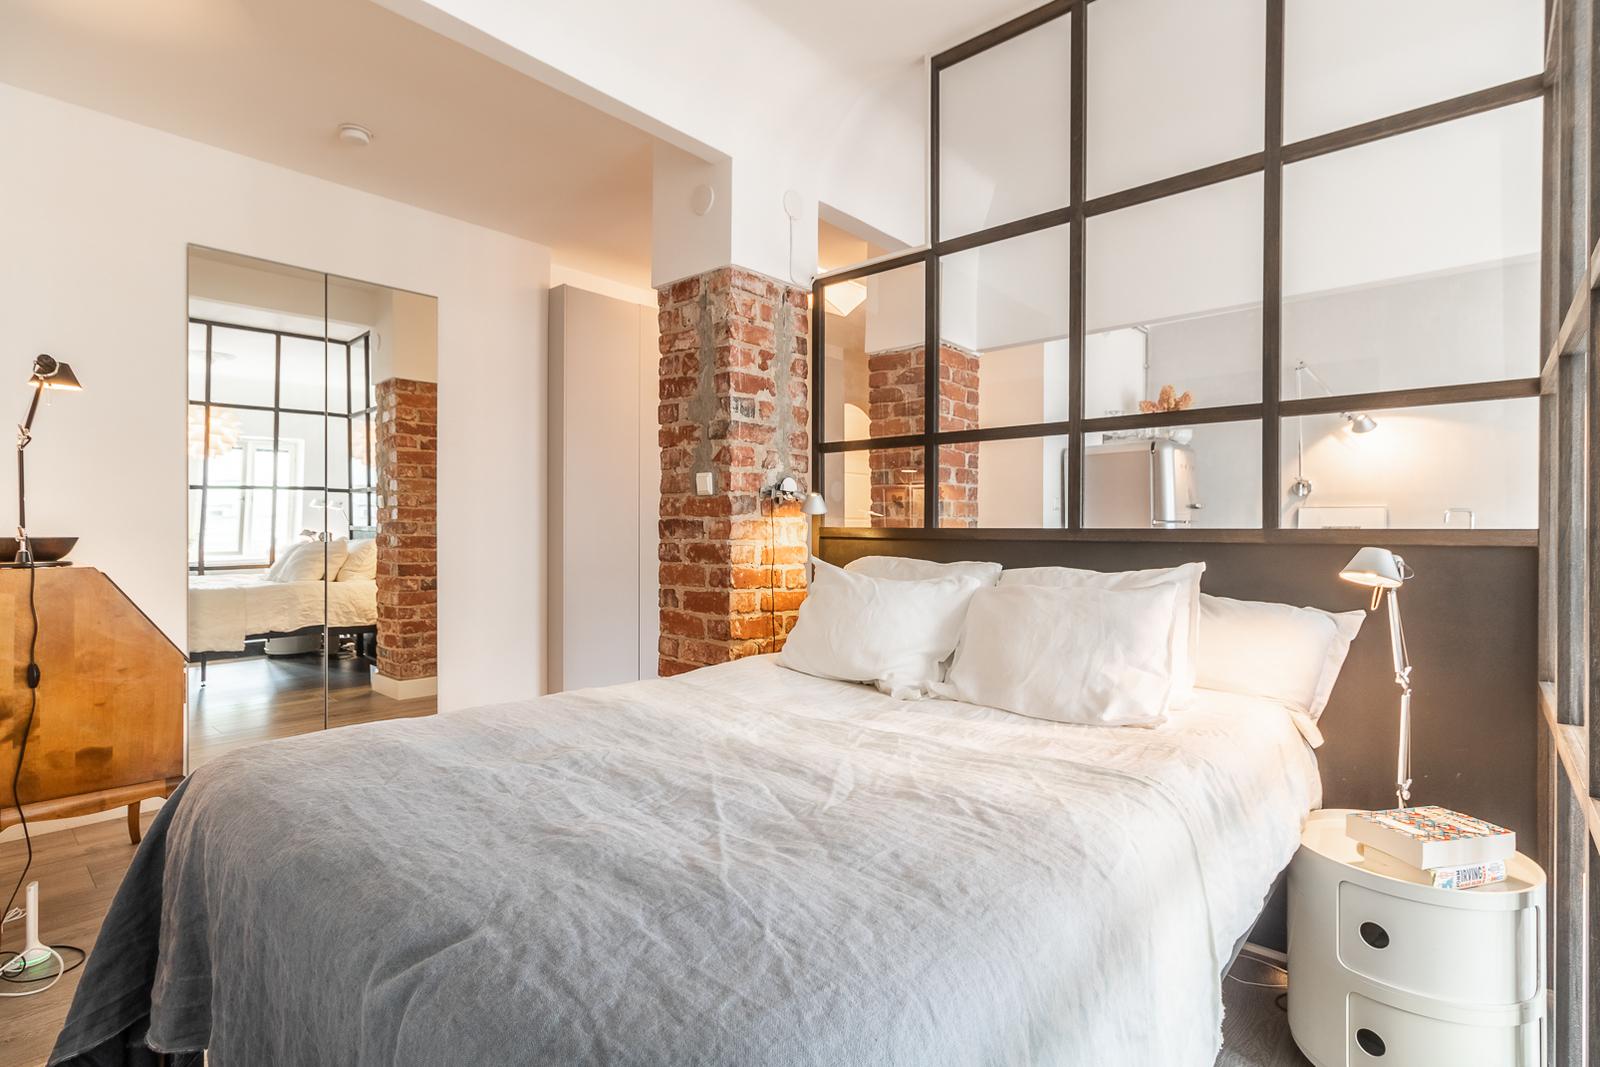 lasiseinä tilanjakaja makuuhuoneen ja olohuoneen välillä